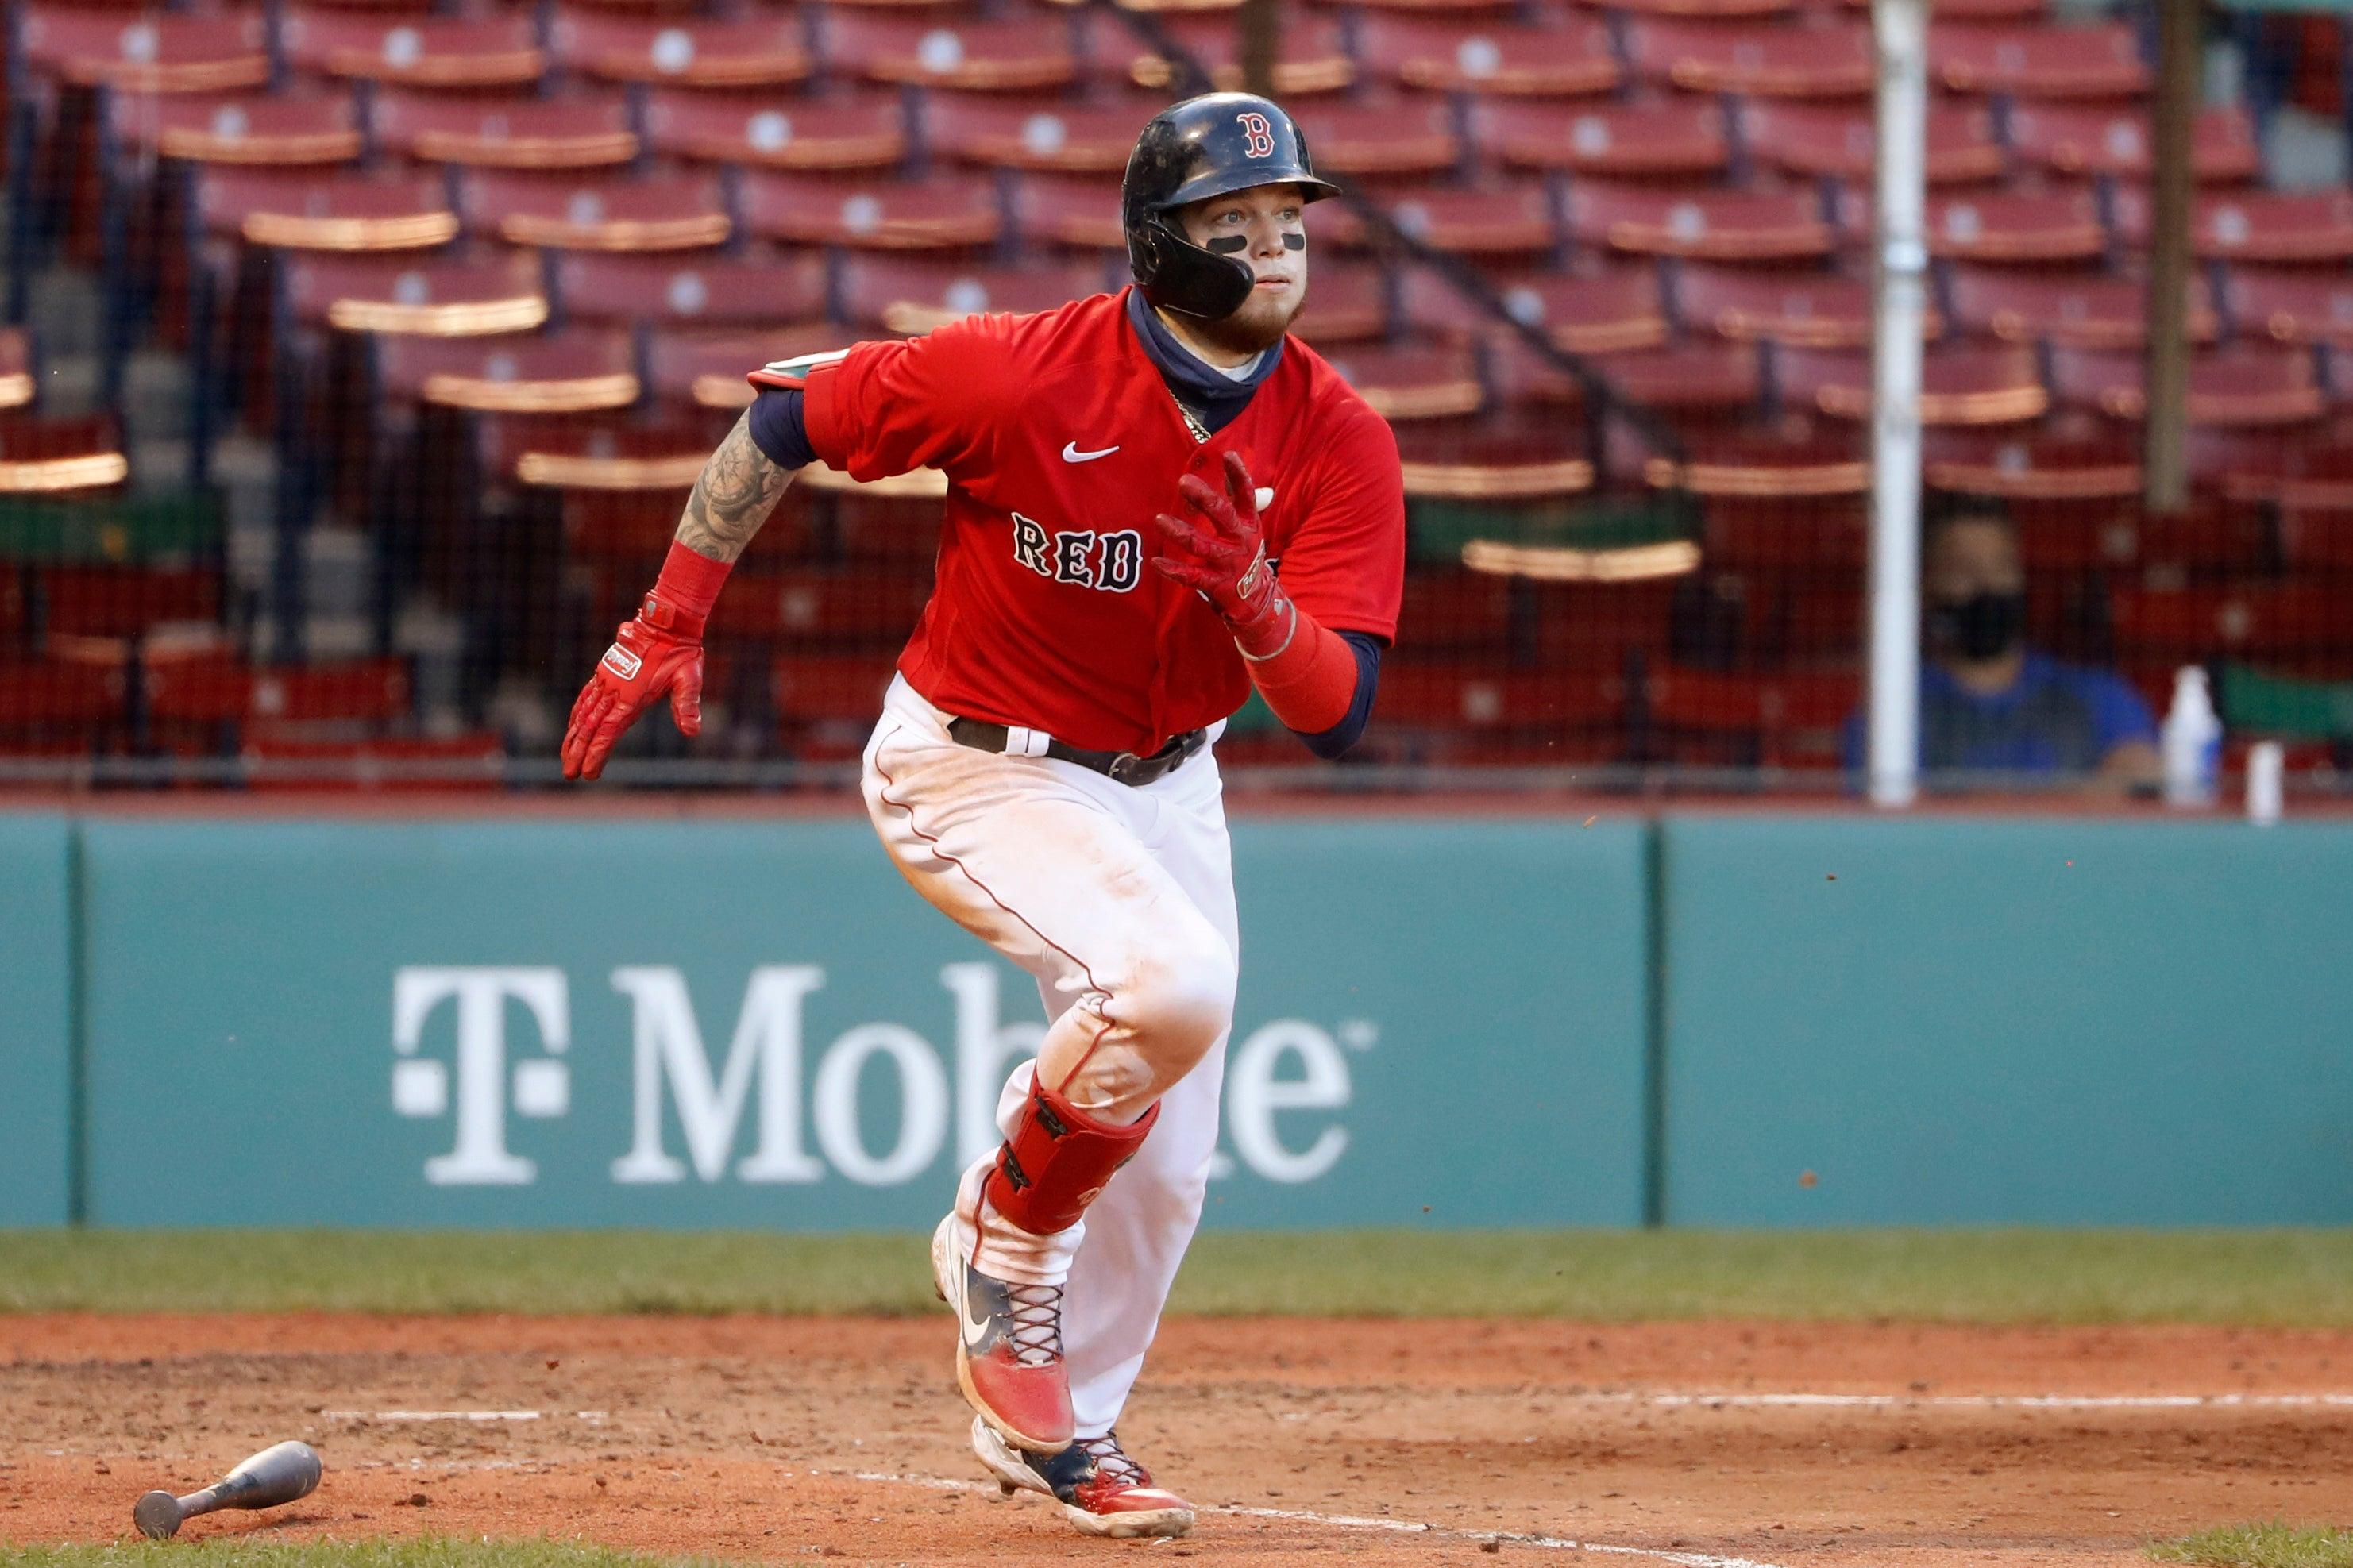 Red Sox Alex Verdugo